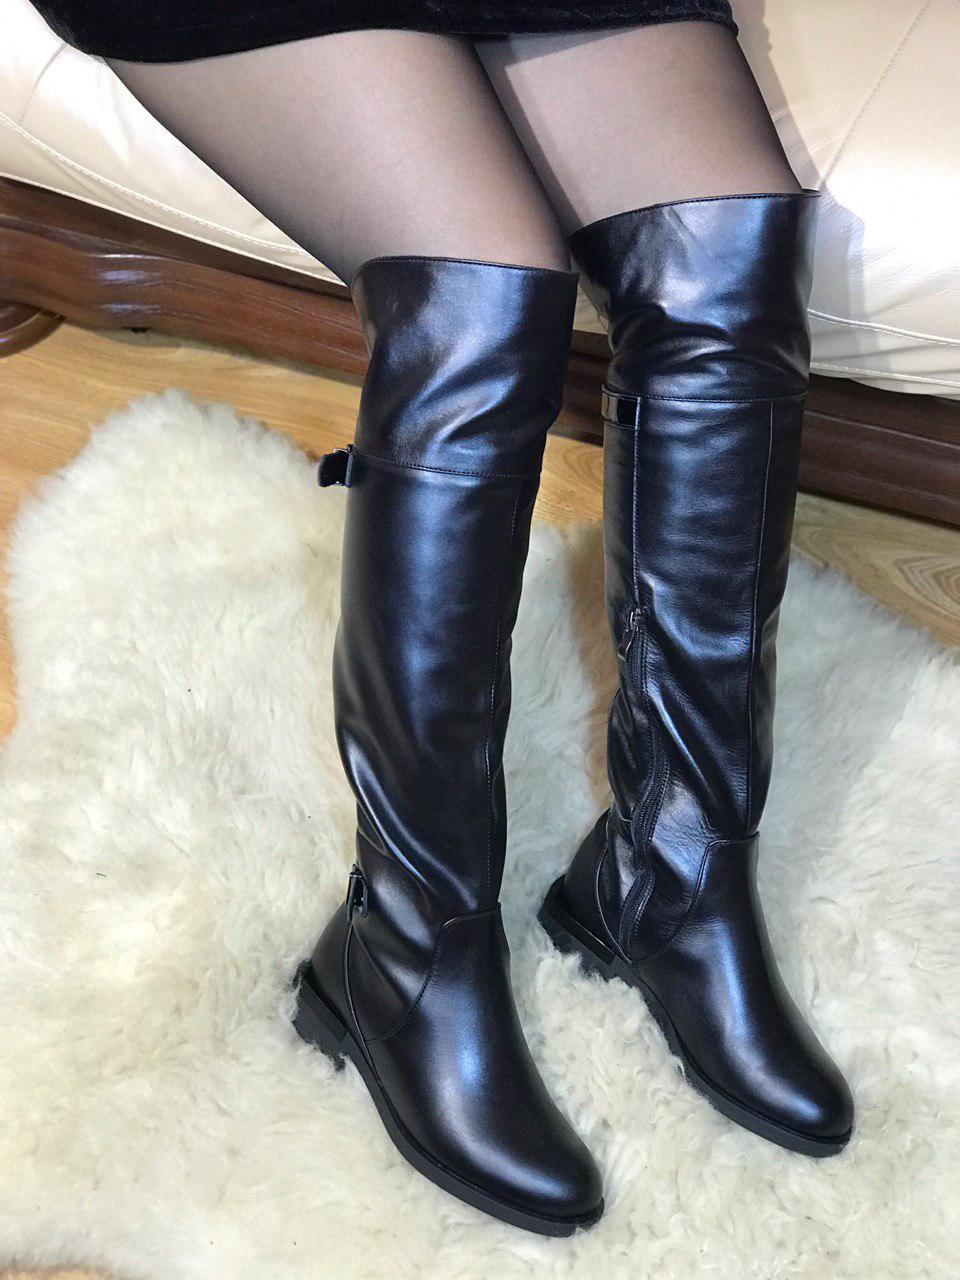 Сапоги женские зимние из натуральной (ЗАМШИ) (КОЖИ) Ботфорты ЗИМА на низком каблуке 41 размер